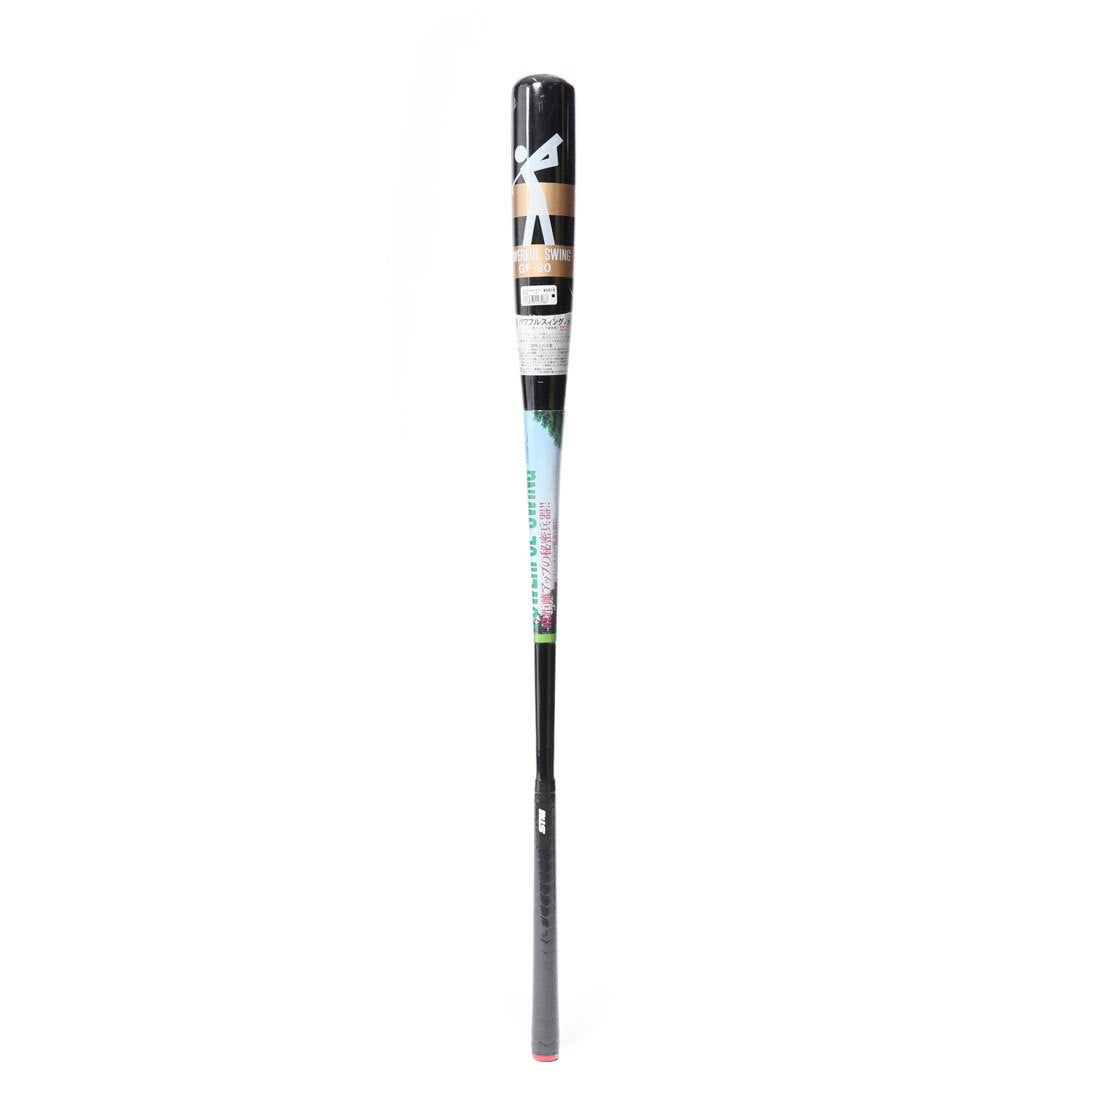 ゴルフ5 GOLF5 ゴルフ スイング練習器具 パワフルスイング GF90 M-268